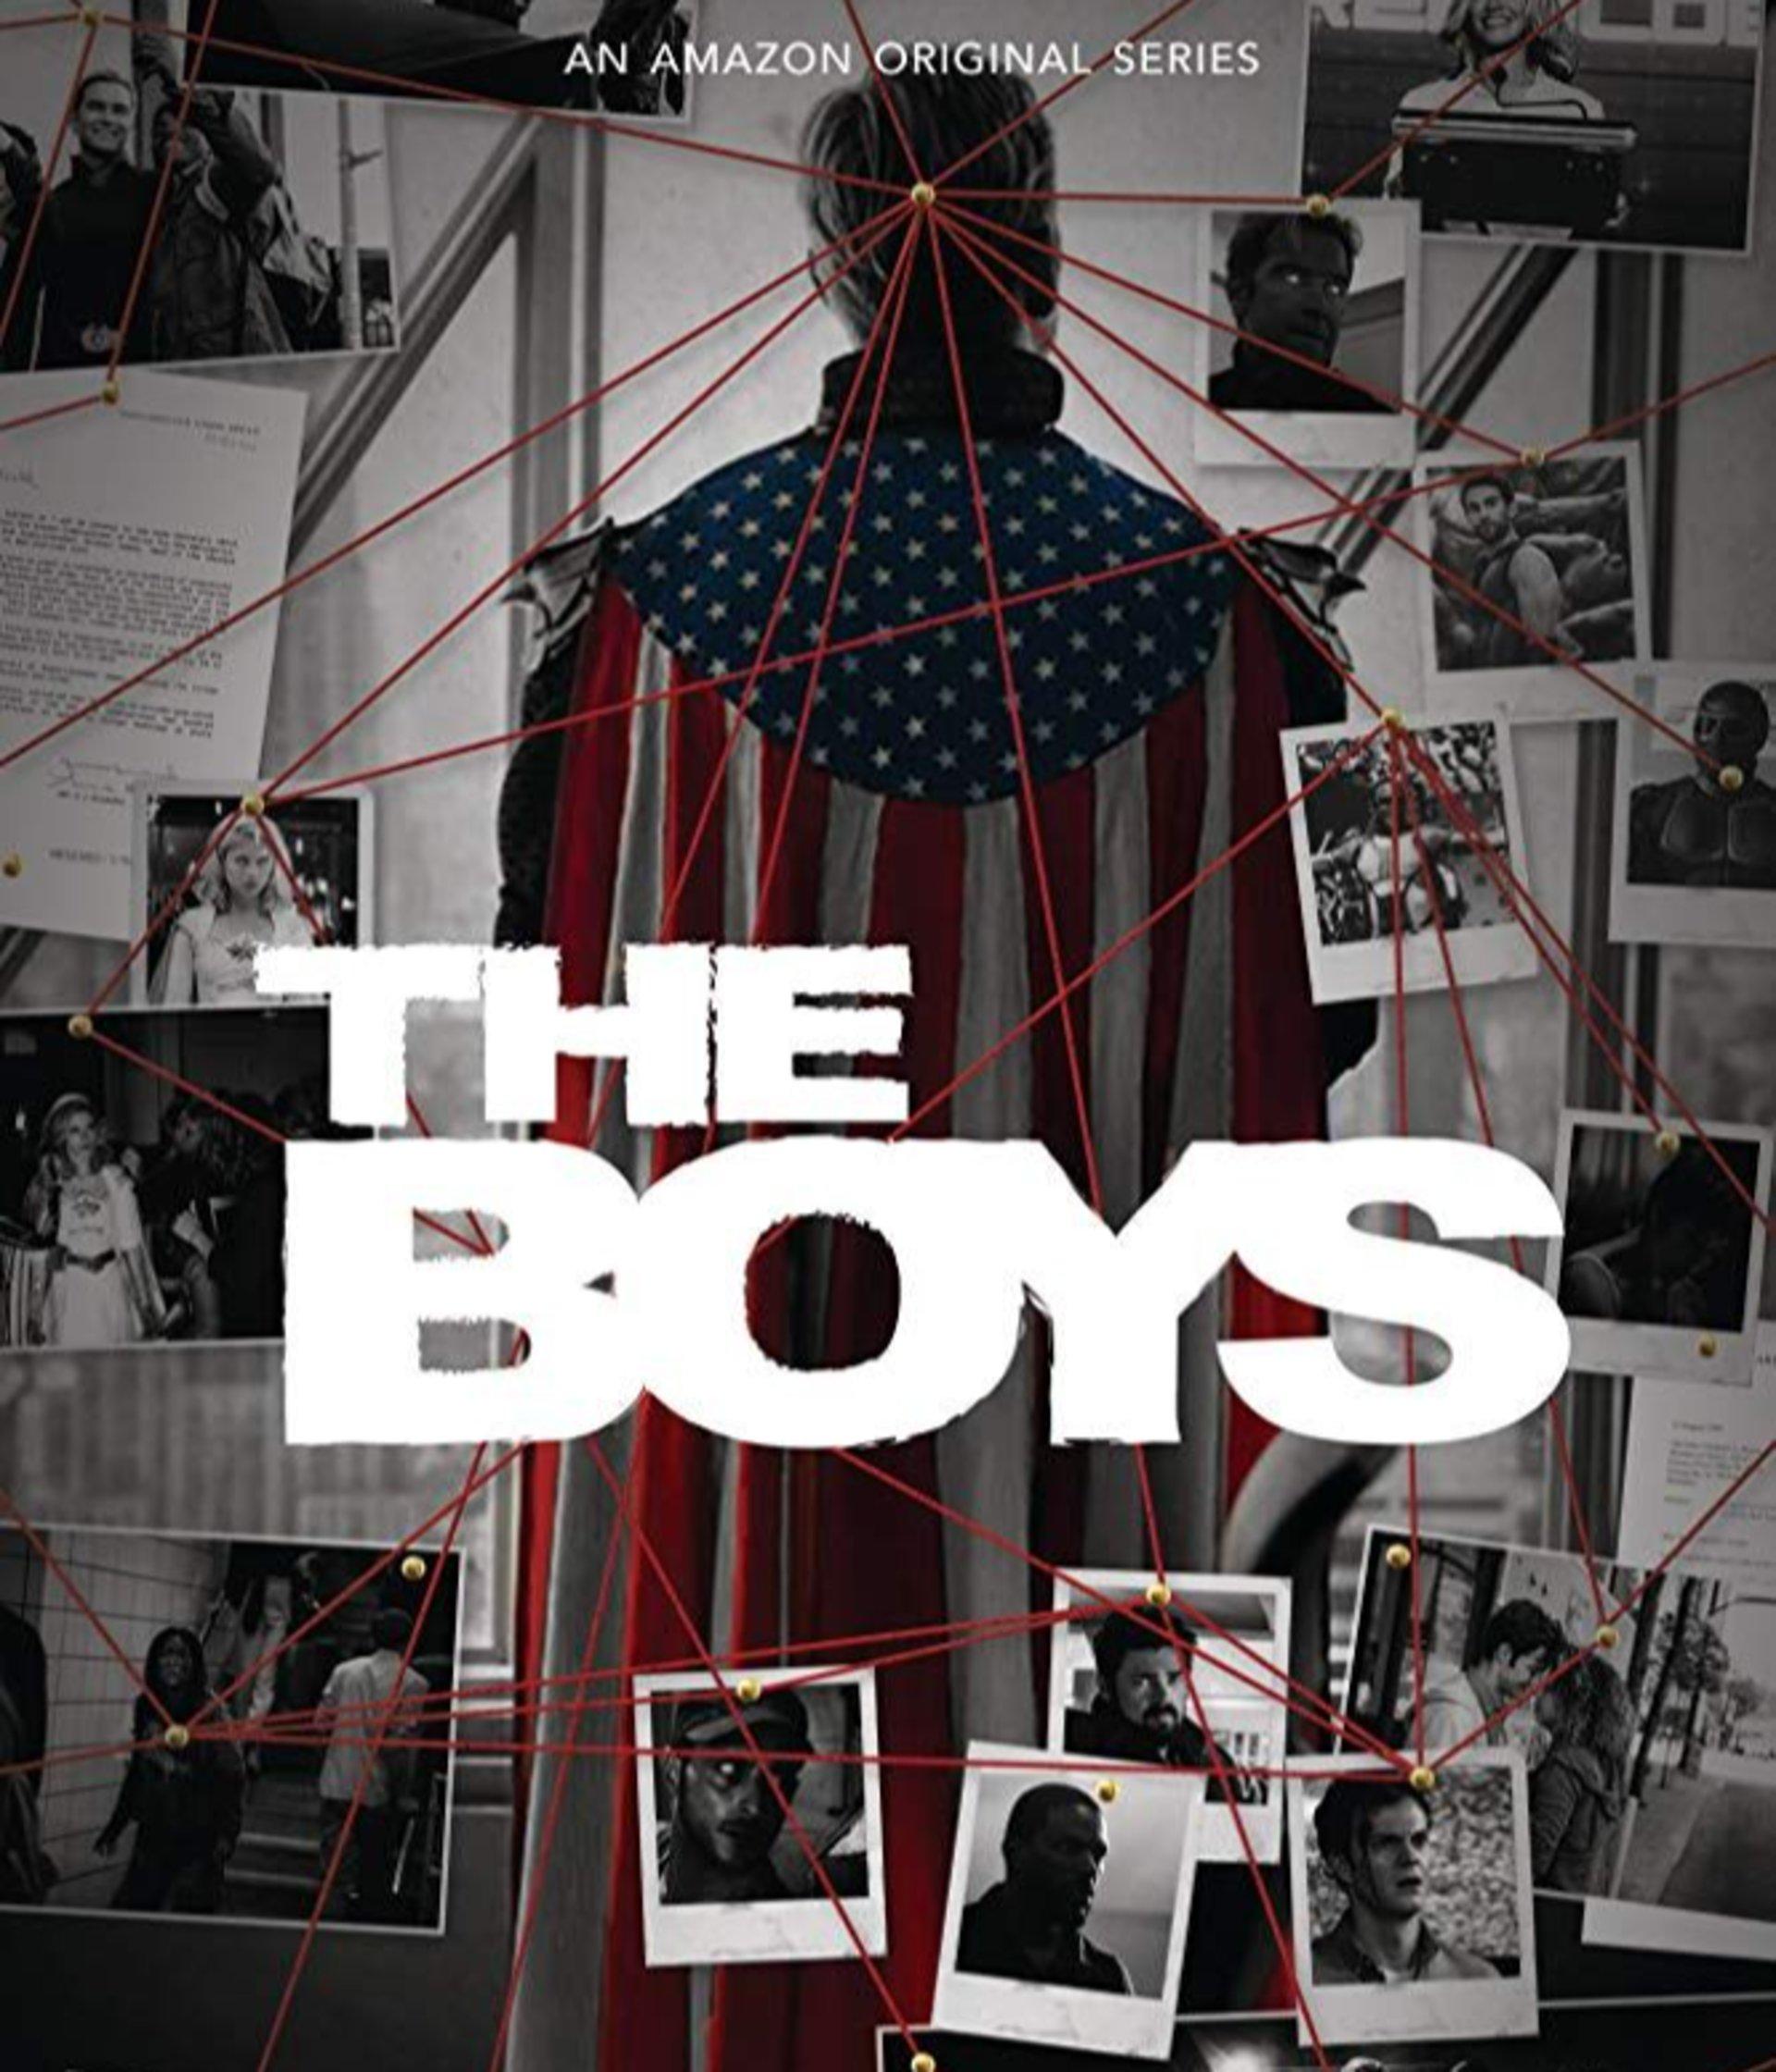 Nonton Film Series The Boys Season 2 (2020) Full Episode ...